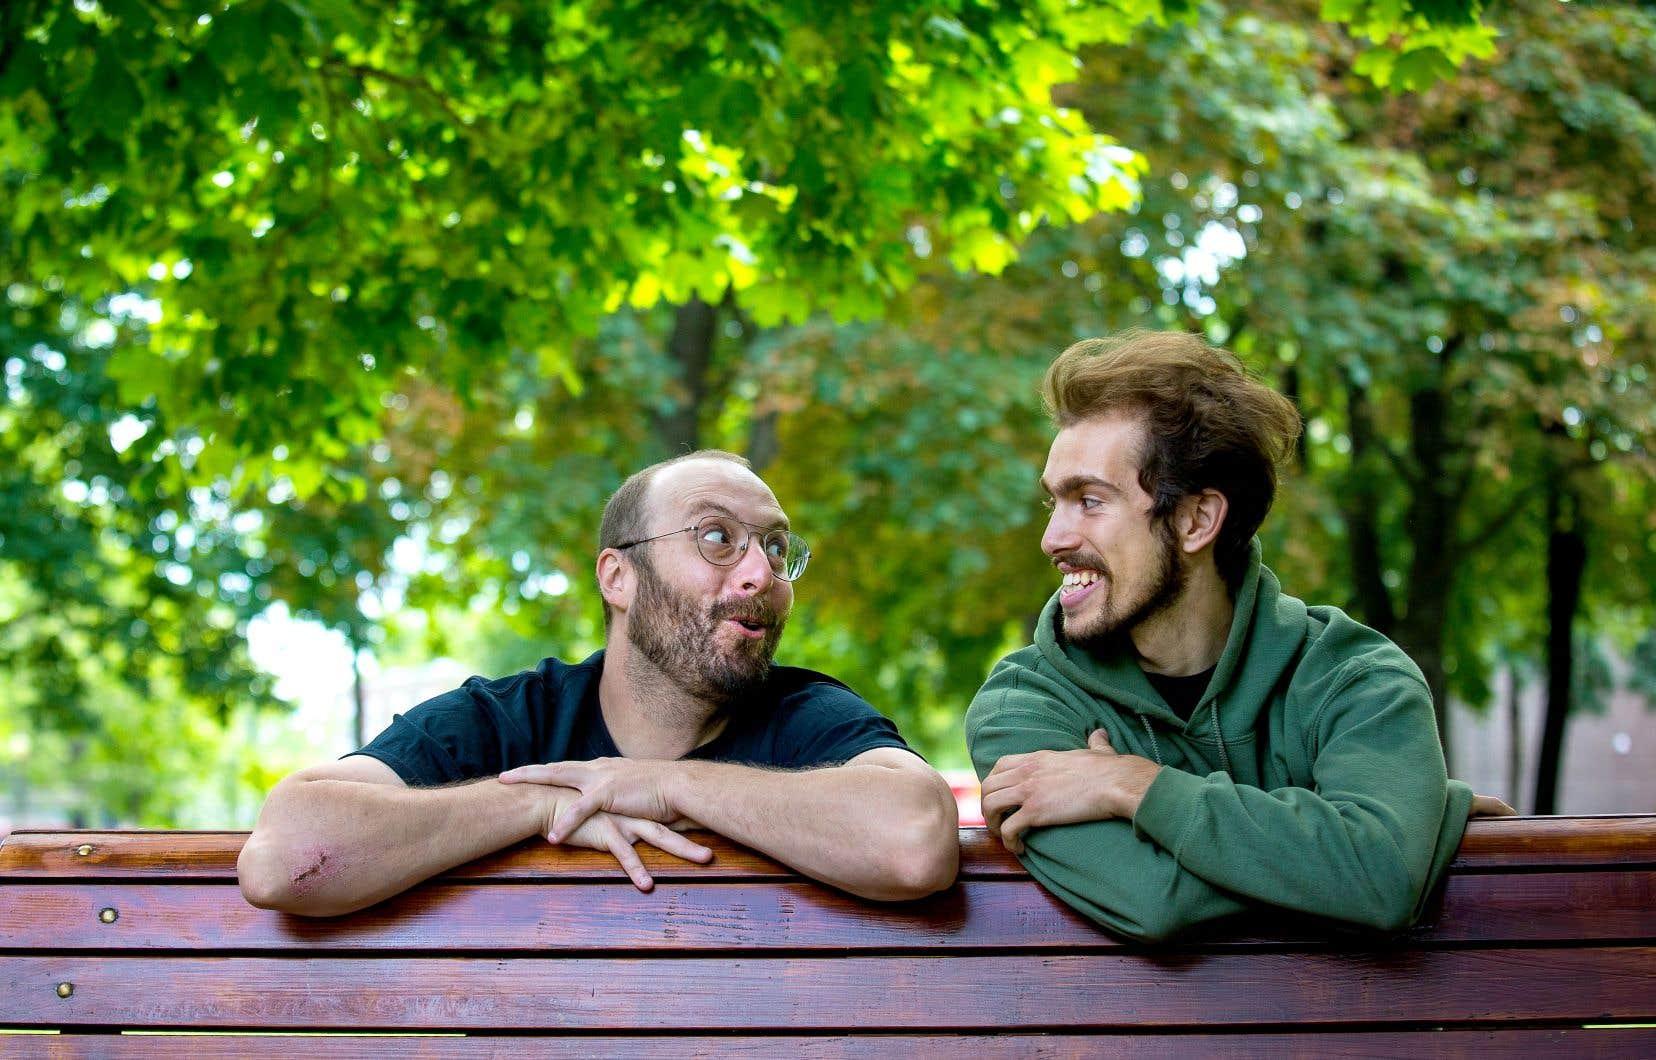 Cédric Gélinas-Séguin et Lucas Boucher ont eu l'idée d'organiser des soirées Picnic et humour l'été passé, à l'annonce de la fermeture des bars. Cette année, quatre spectacles Picnic et humour reviennent chaque semaine dans divers parcs montréalais.